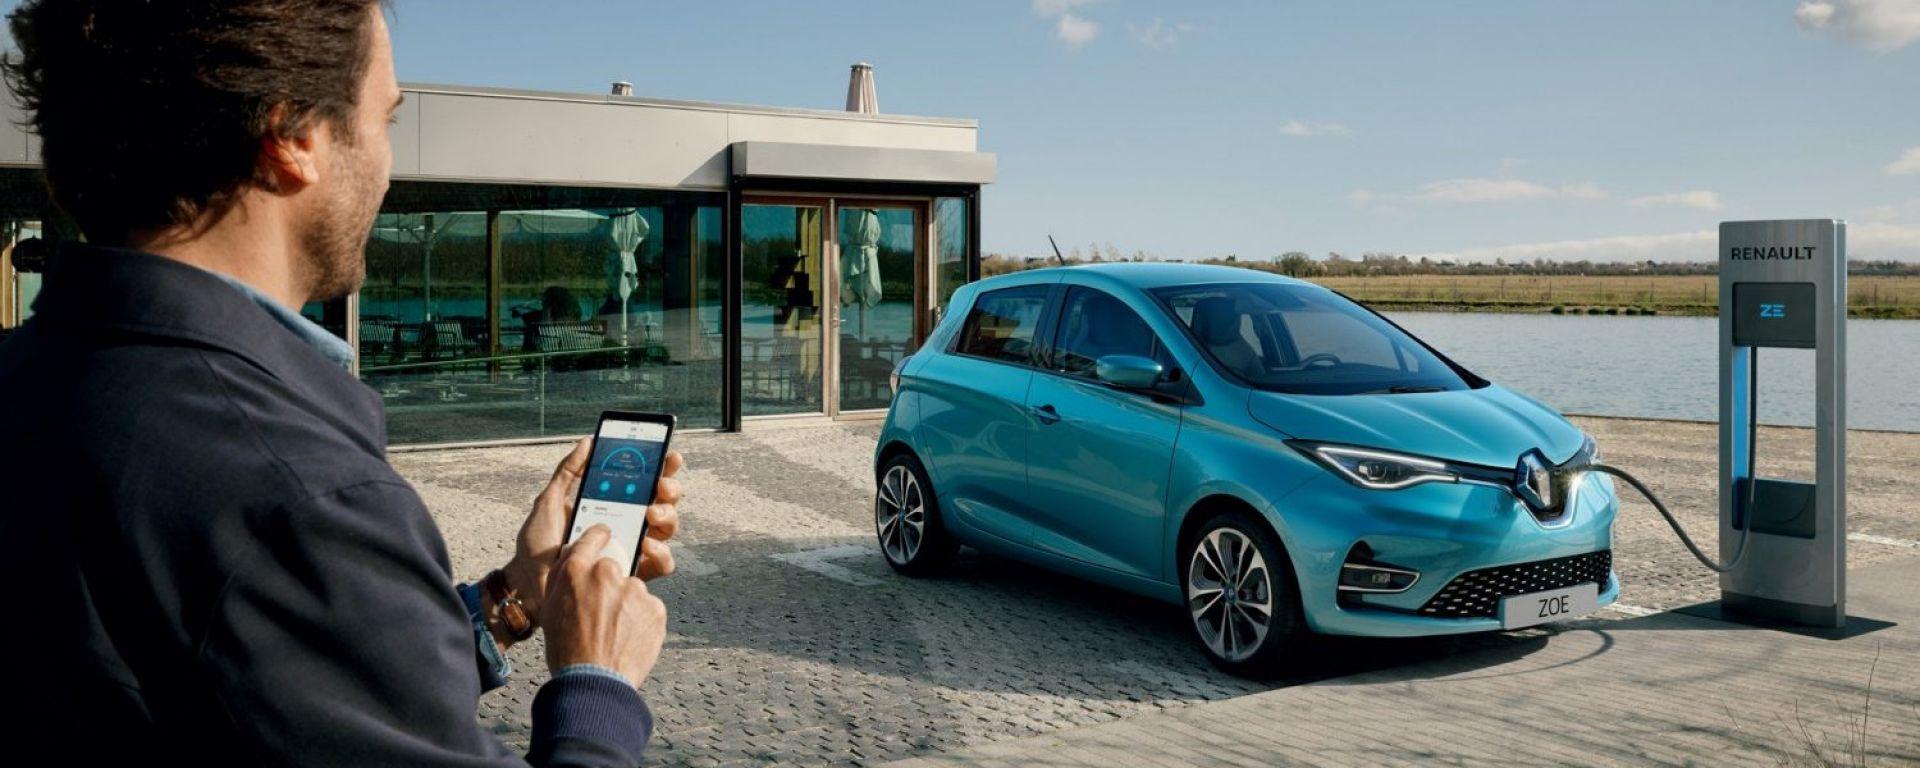 Nuova Renault ZOE: addio batteria a noleggio in UK